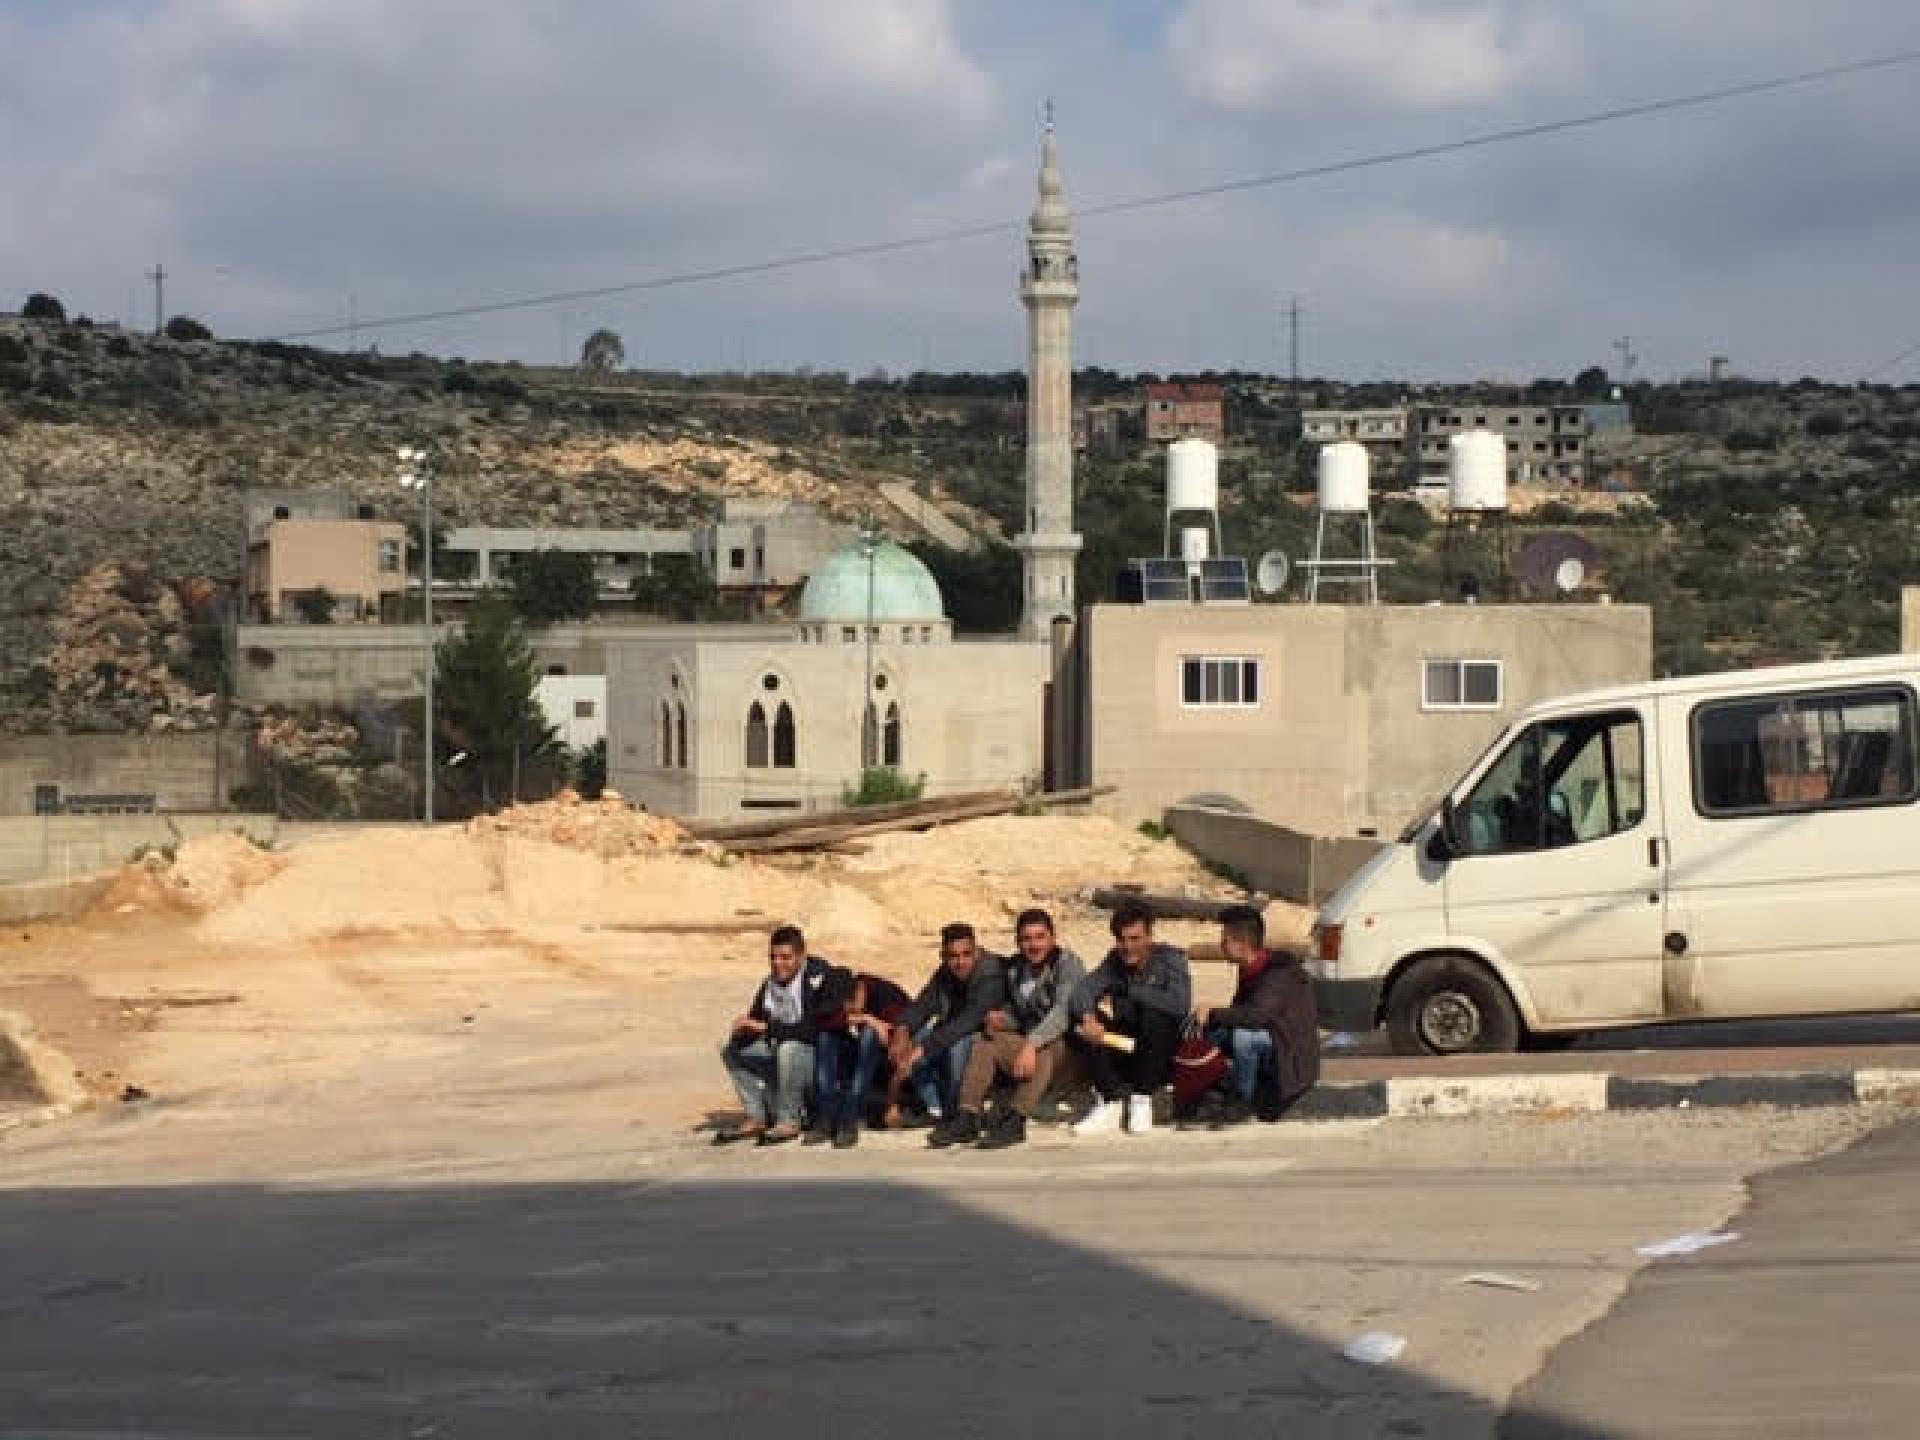 מול בנין המועצה קבוצת תלמידי תיכון בהפסקה מחיכים